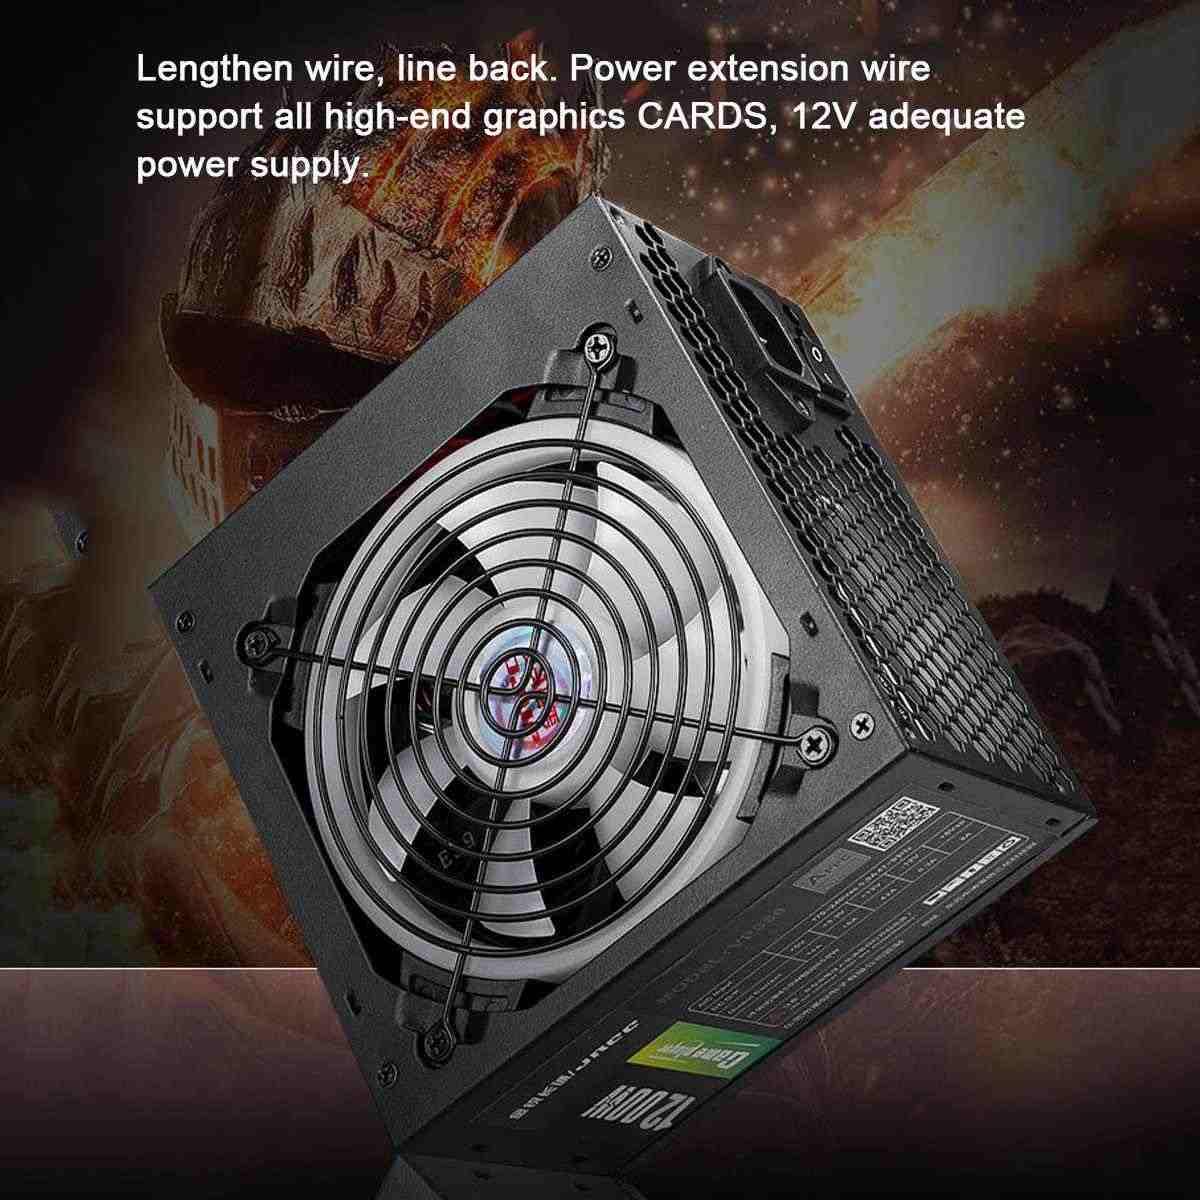 1200W zasilacz aktywny PFC 12V ATX 8PIN + 2x6PIN SATA moc PC zasilanie z wentylatorem redukcji szumów RGB na komputer stacjonarny